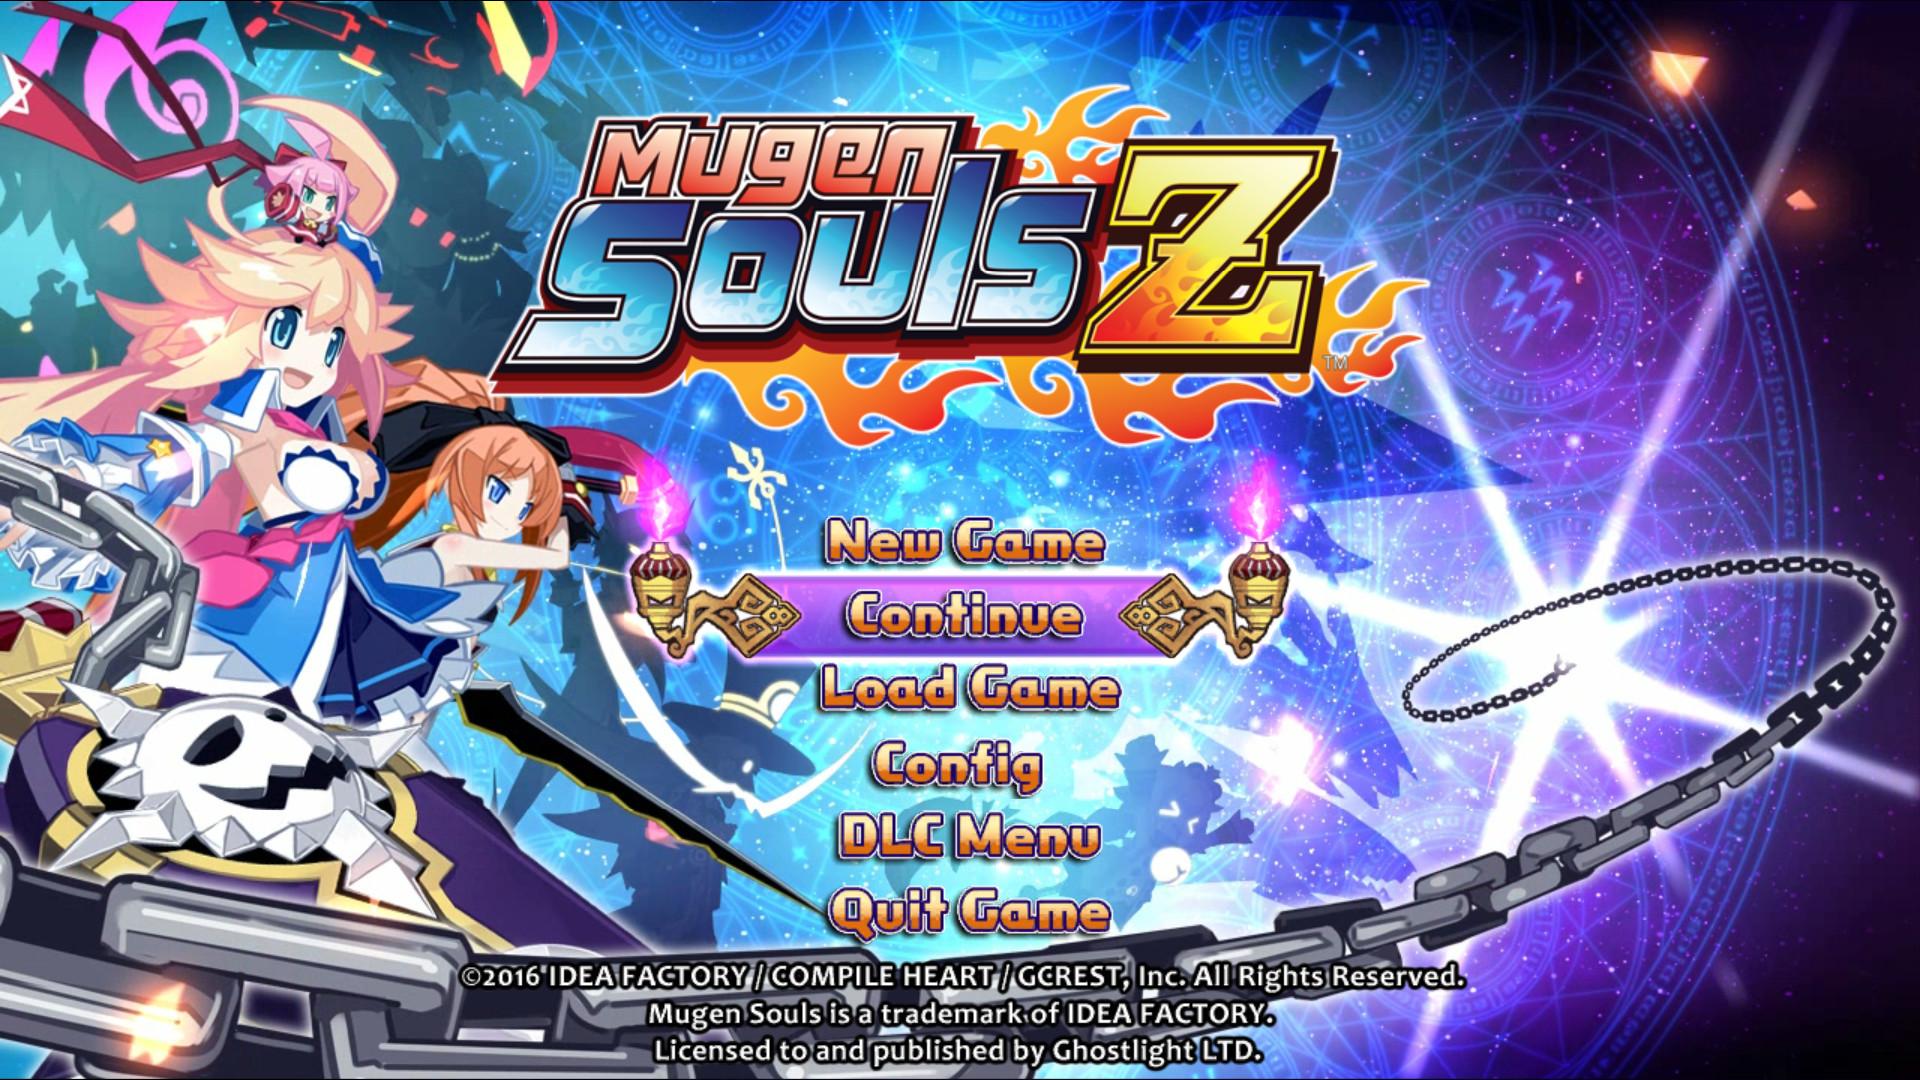 Mugen Souls Z - Overwhelming Point Fever Bundle screenshot